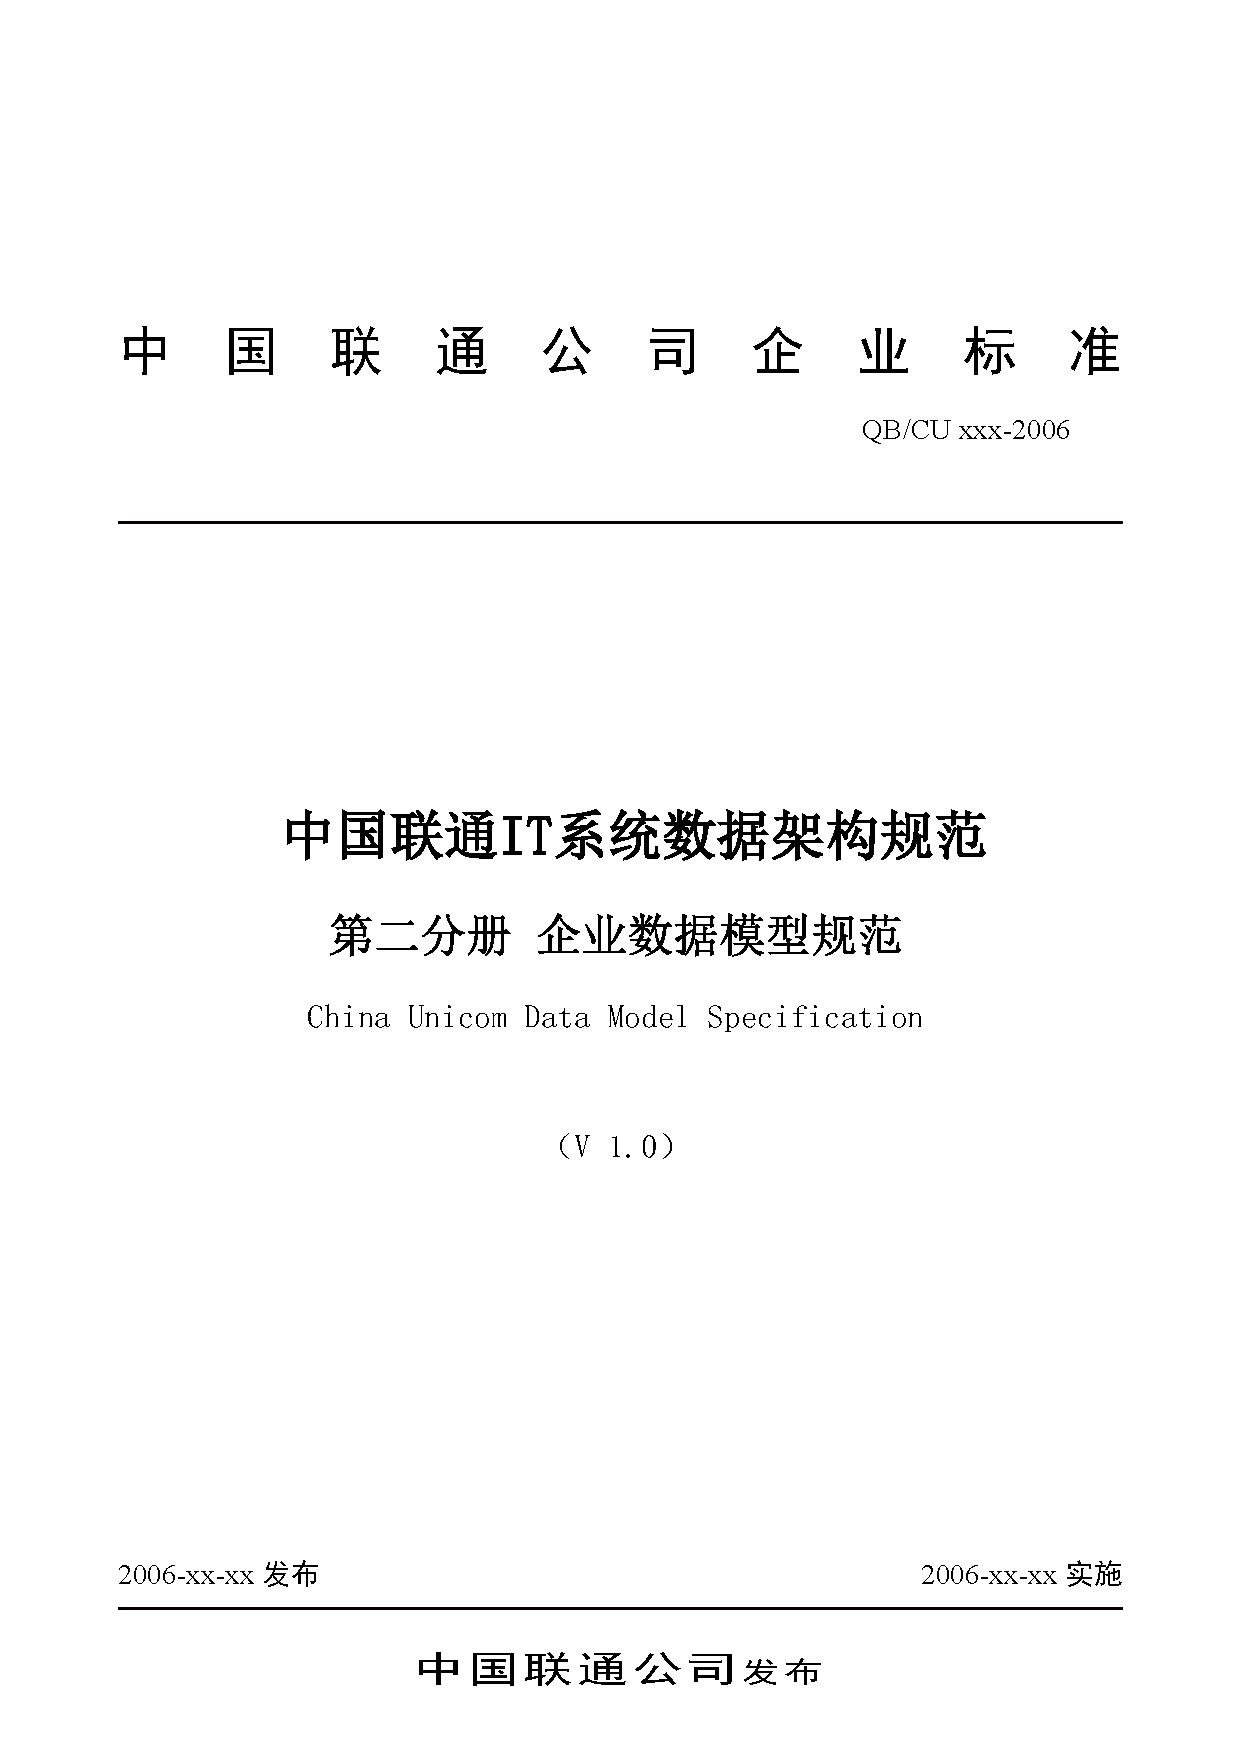 联通-联通IT系统数据架构第二分册企业数据模型规范.DOCX